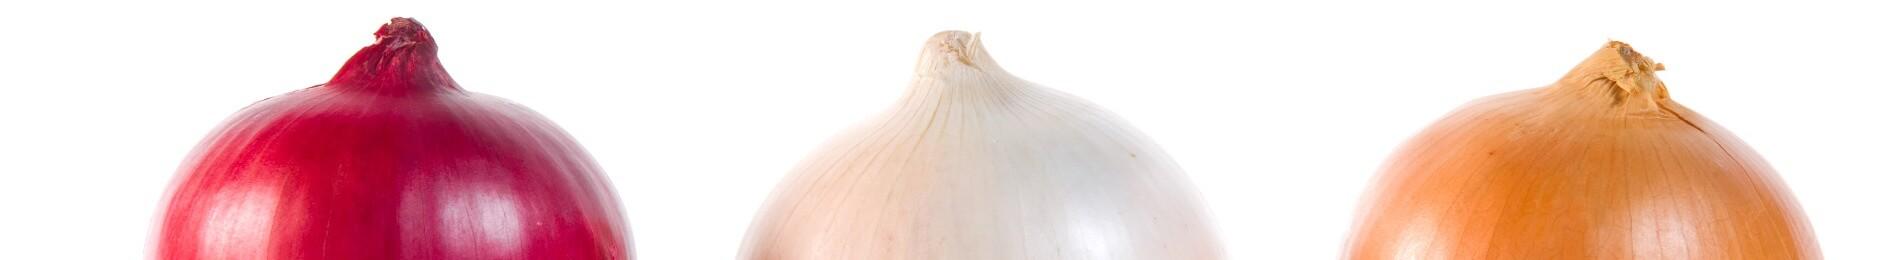 Onion Tips, Myths & FAQs